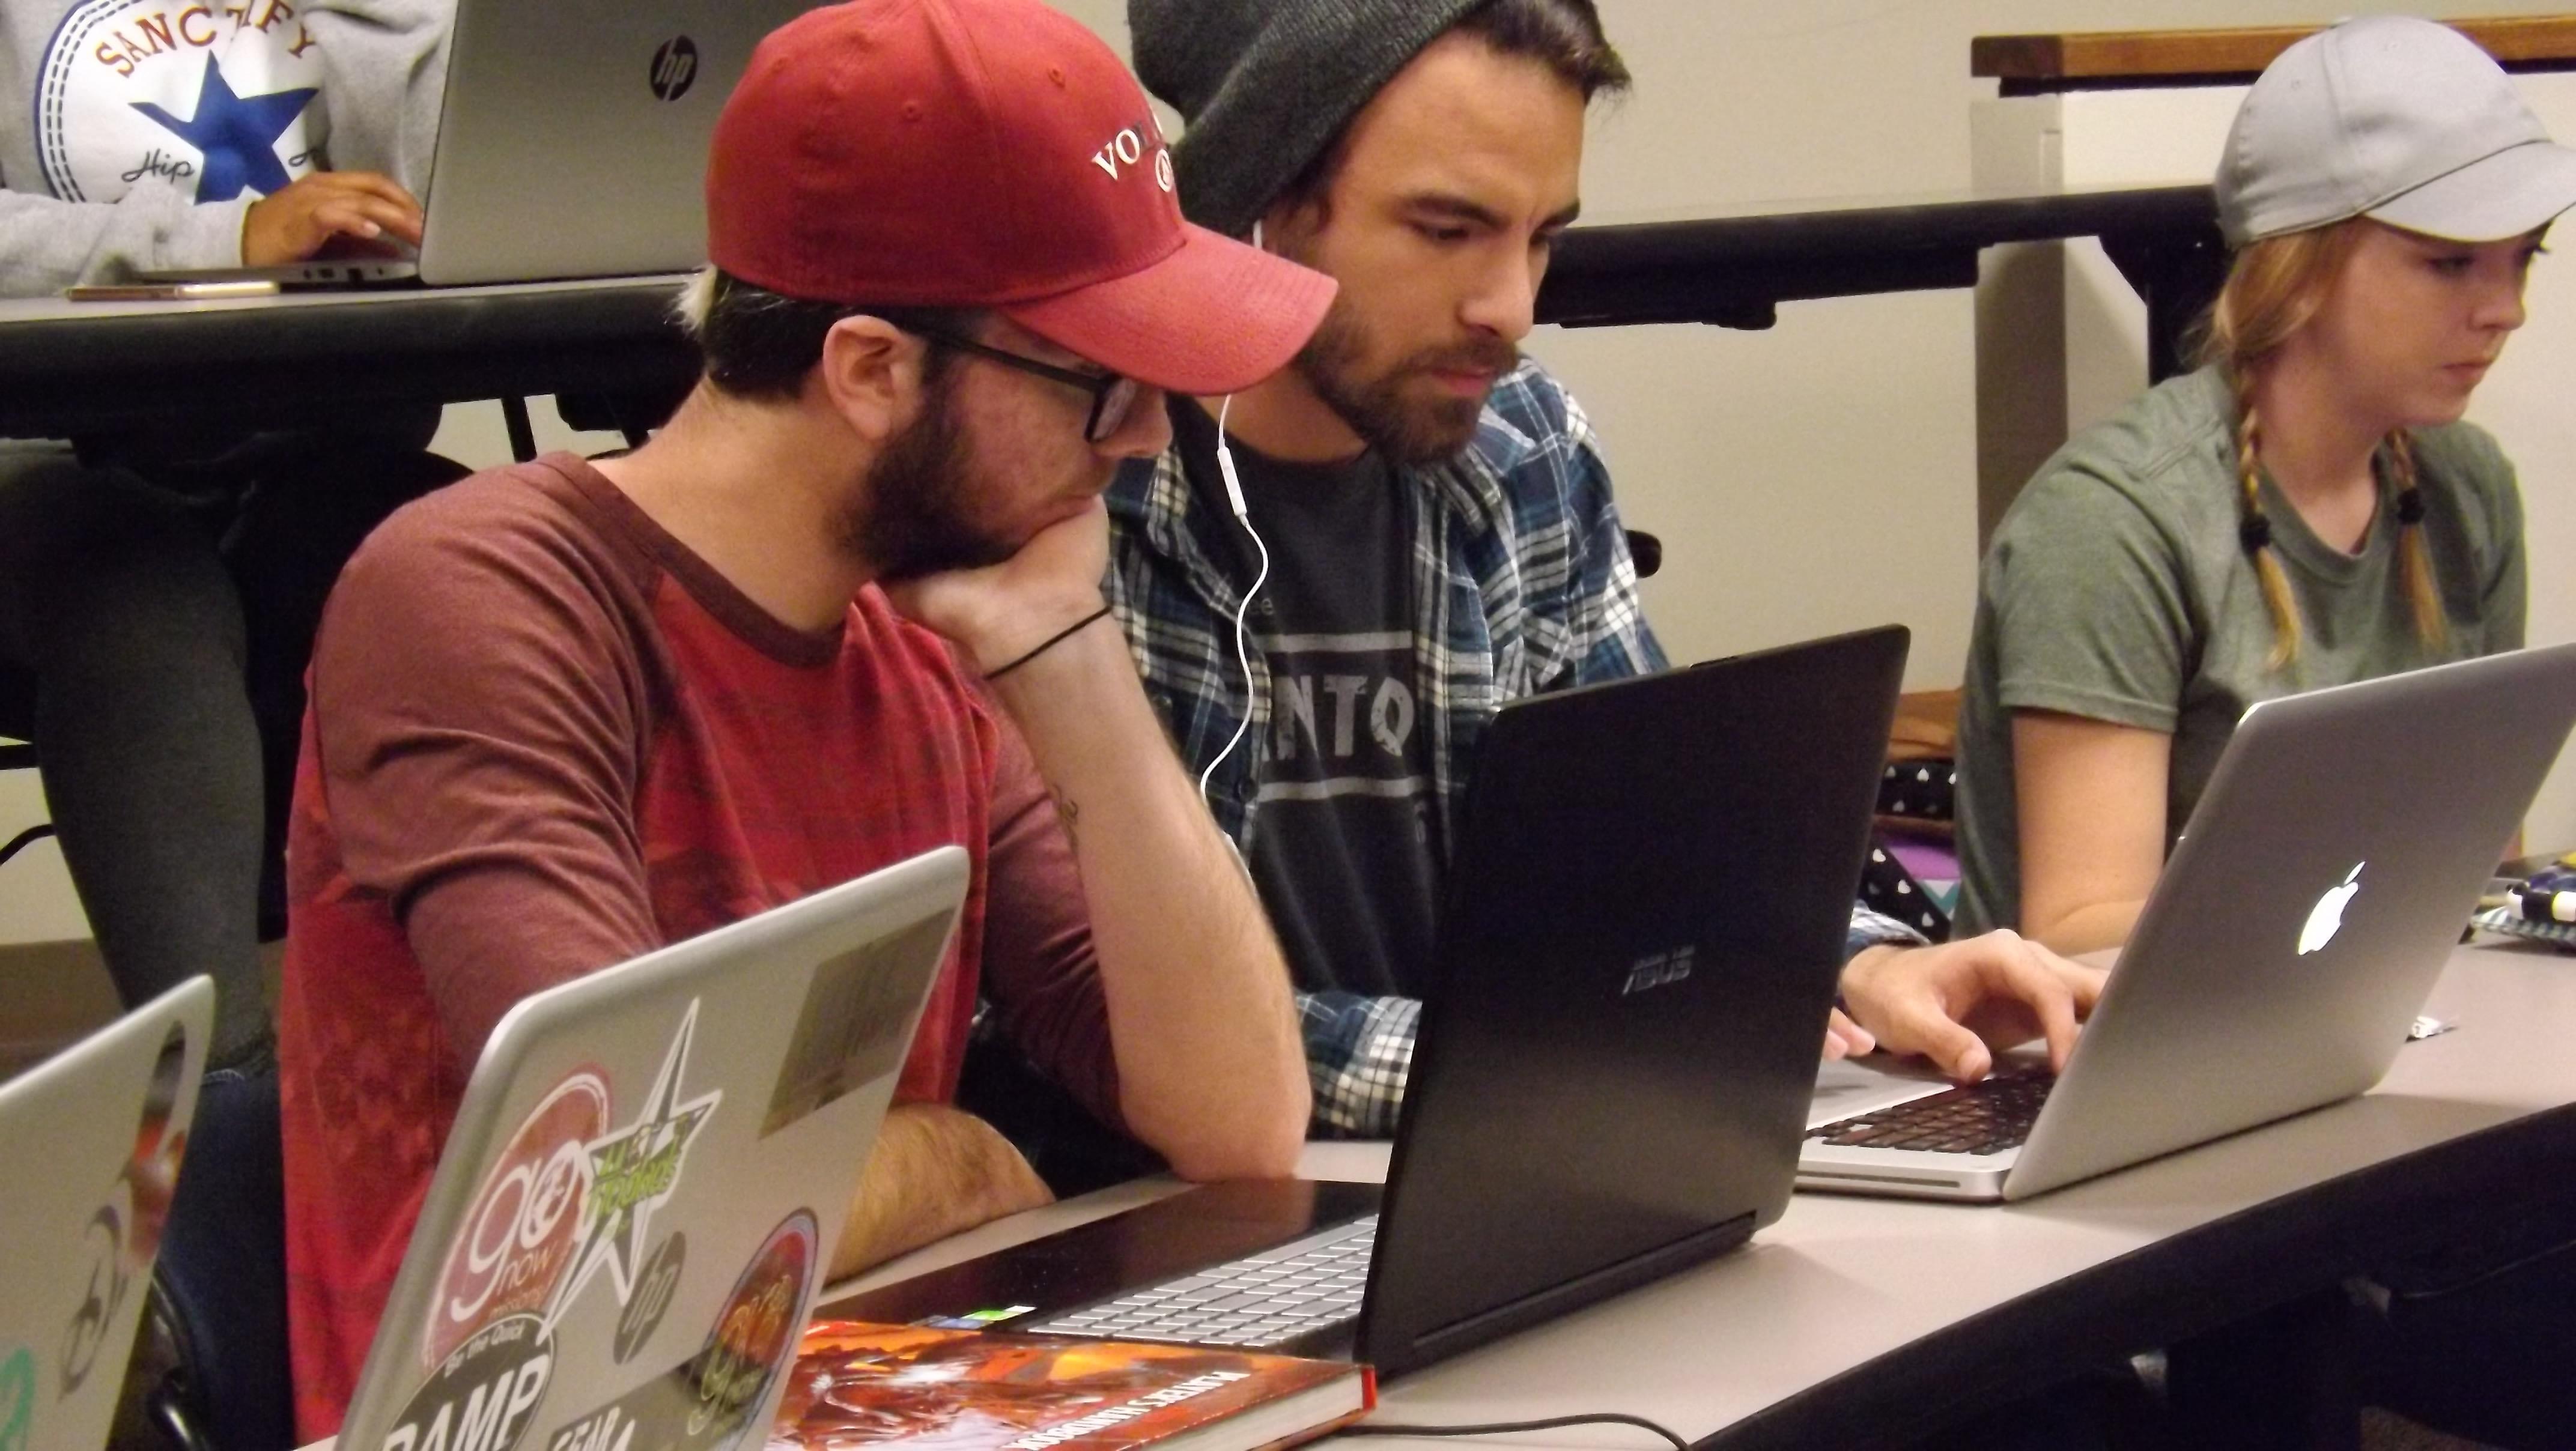 Princeton Review recognizes ACU's game design program